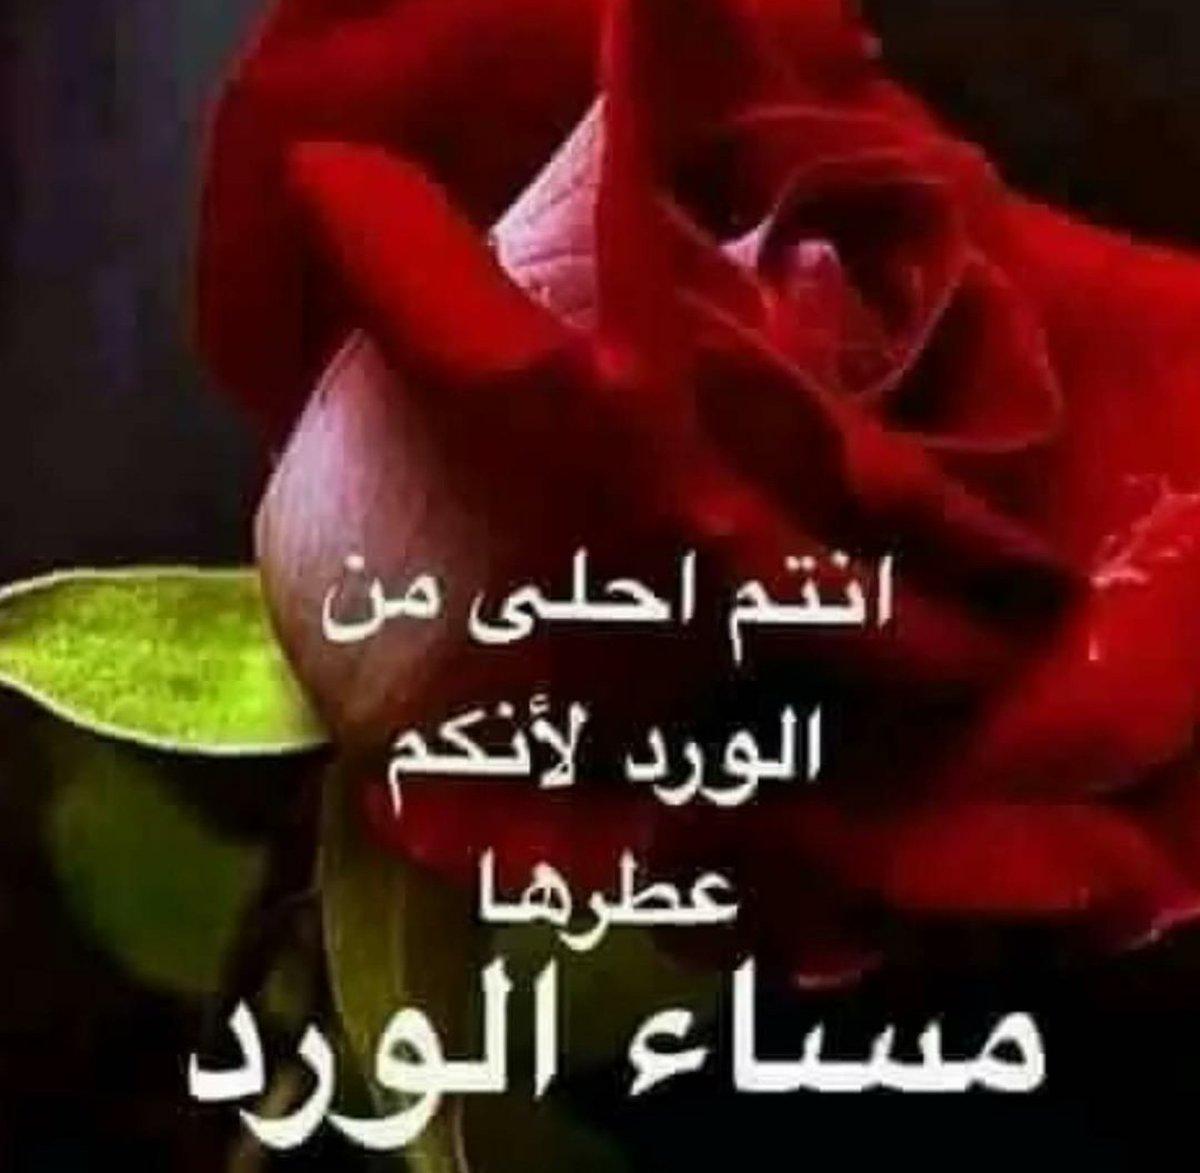 مساء الشوق مسائيات تبعث على التفاؤل قلوب فتيات